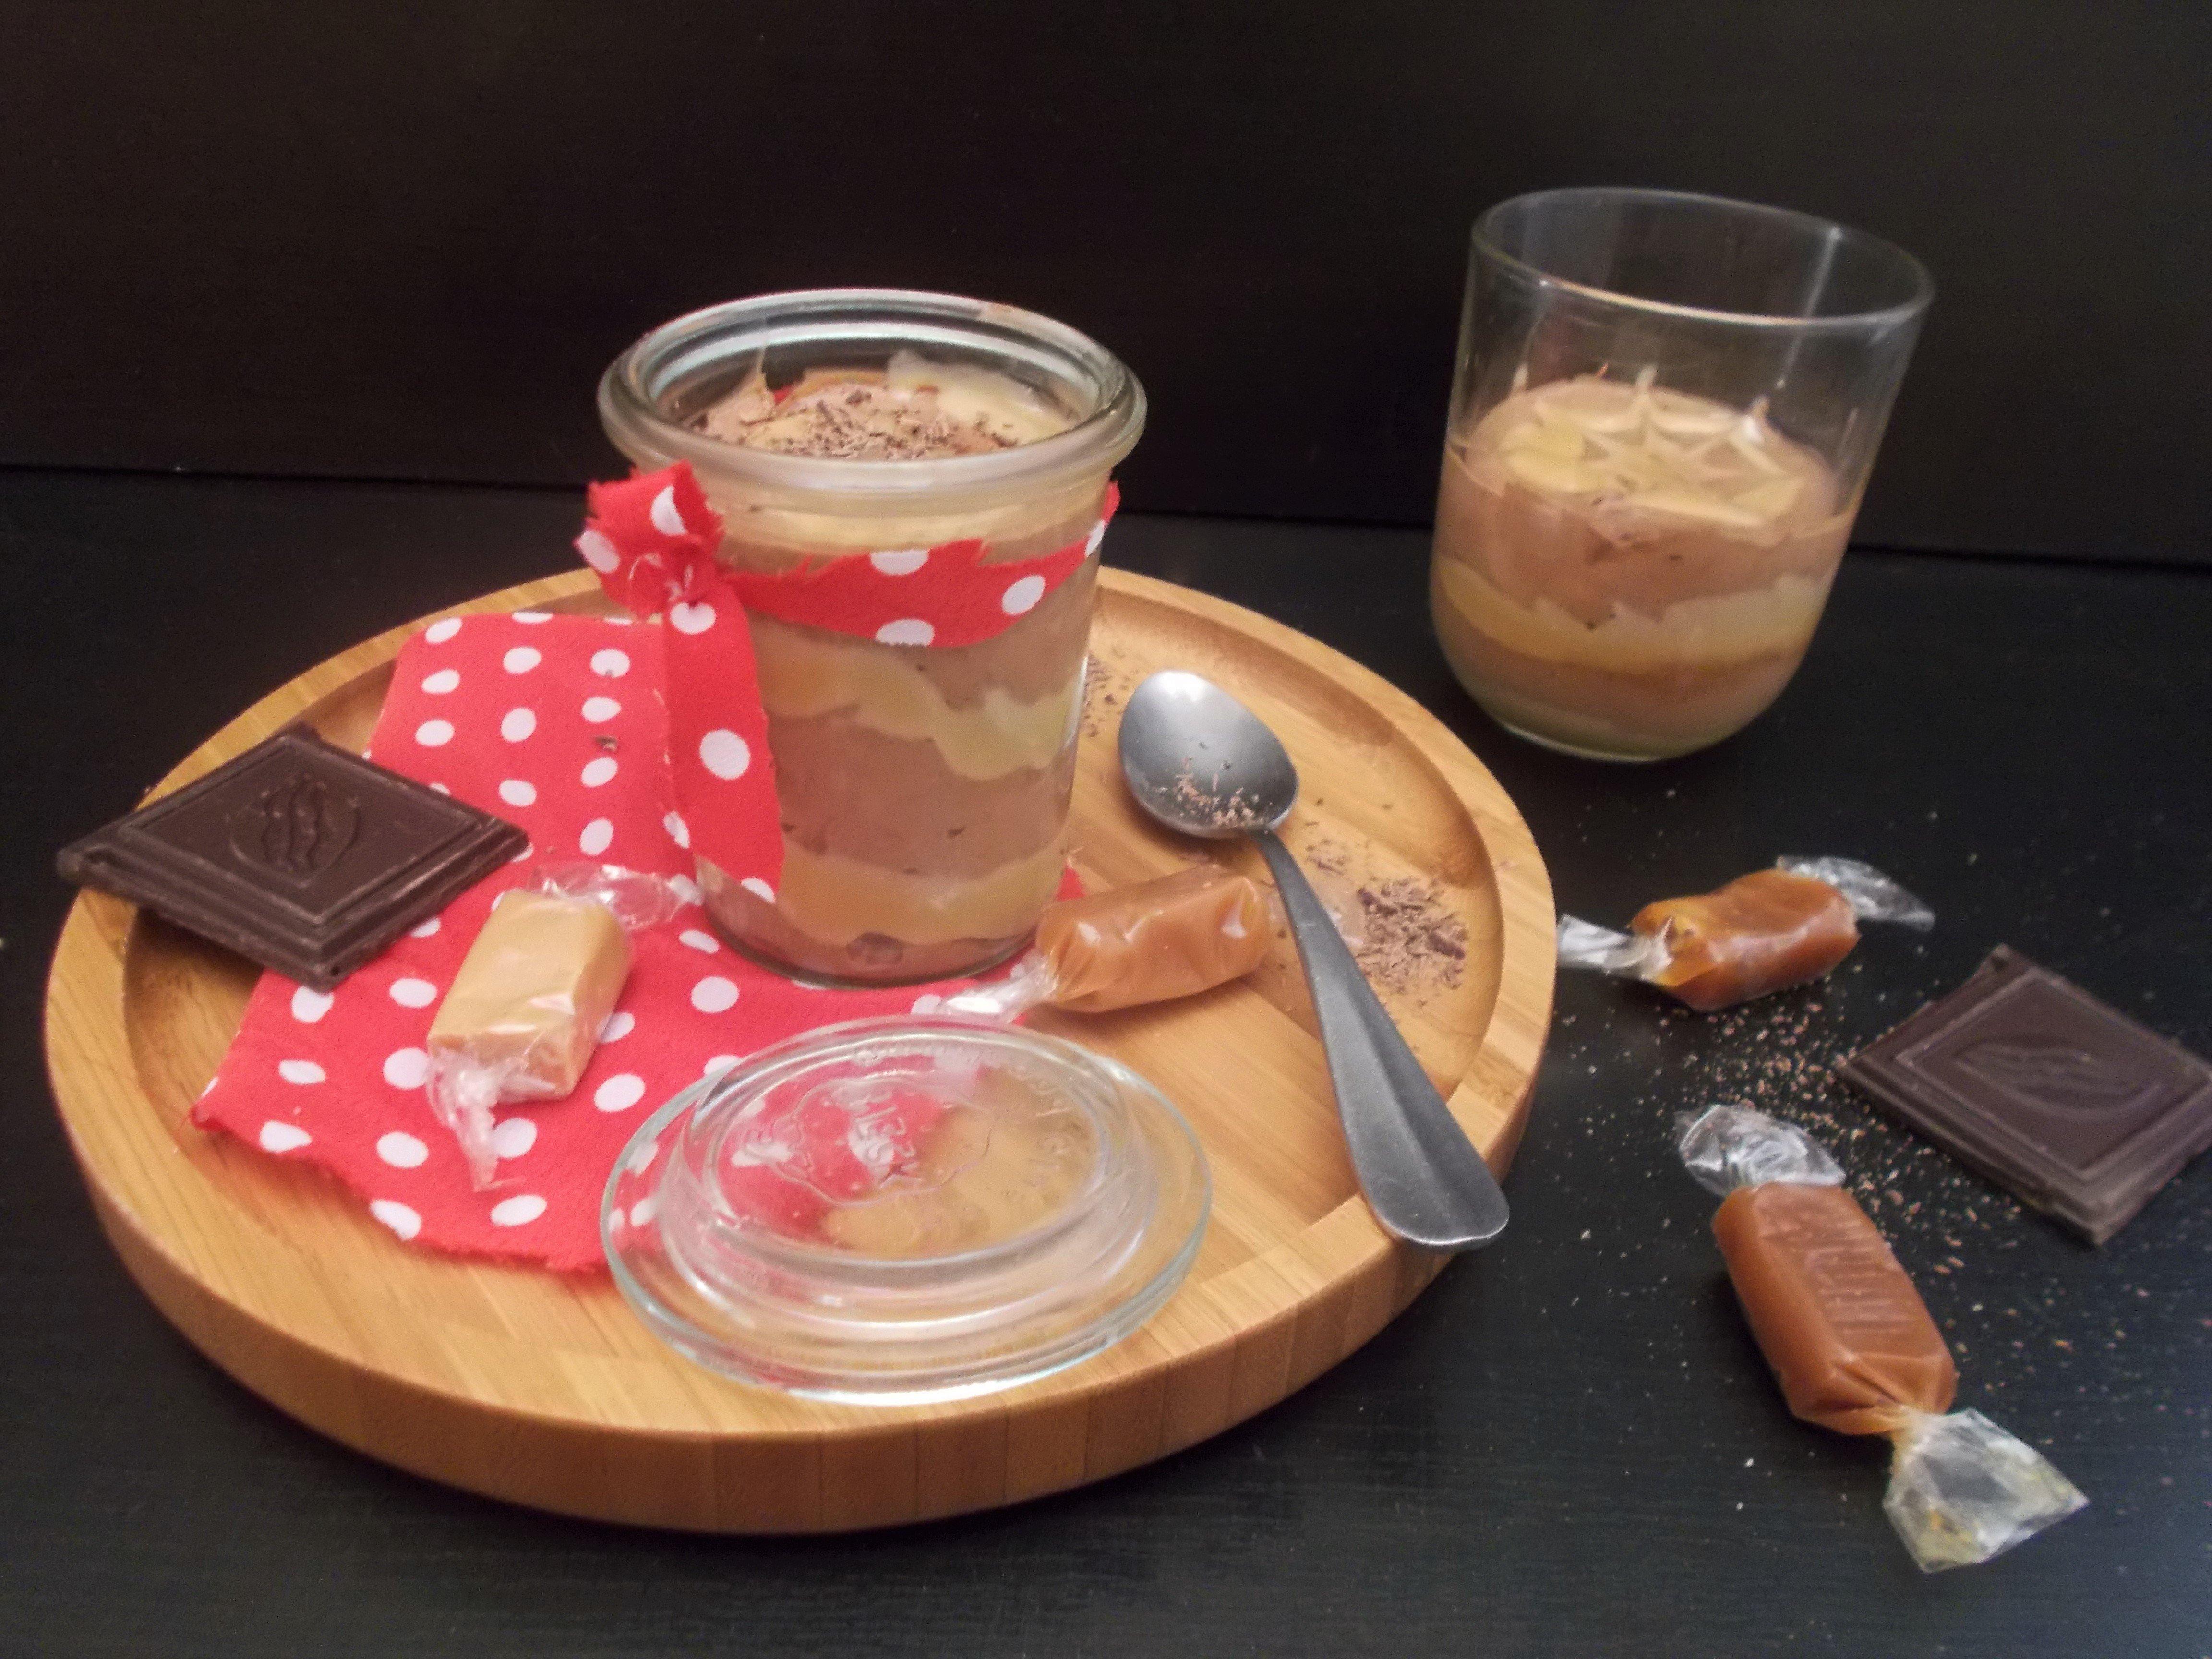 Brunch dominical #6 : mousse au chocolat marbrée caramel